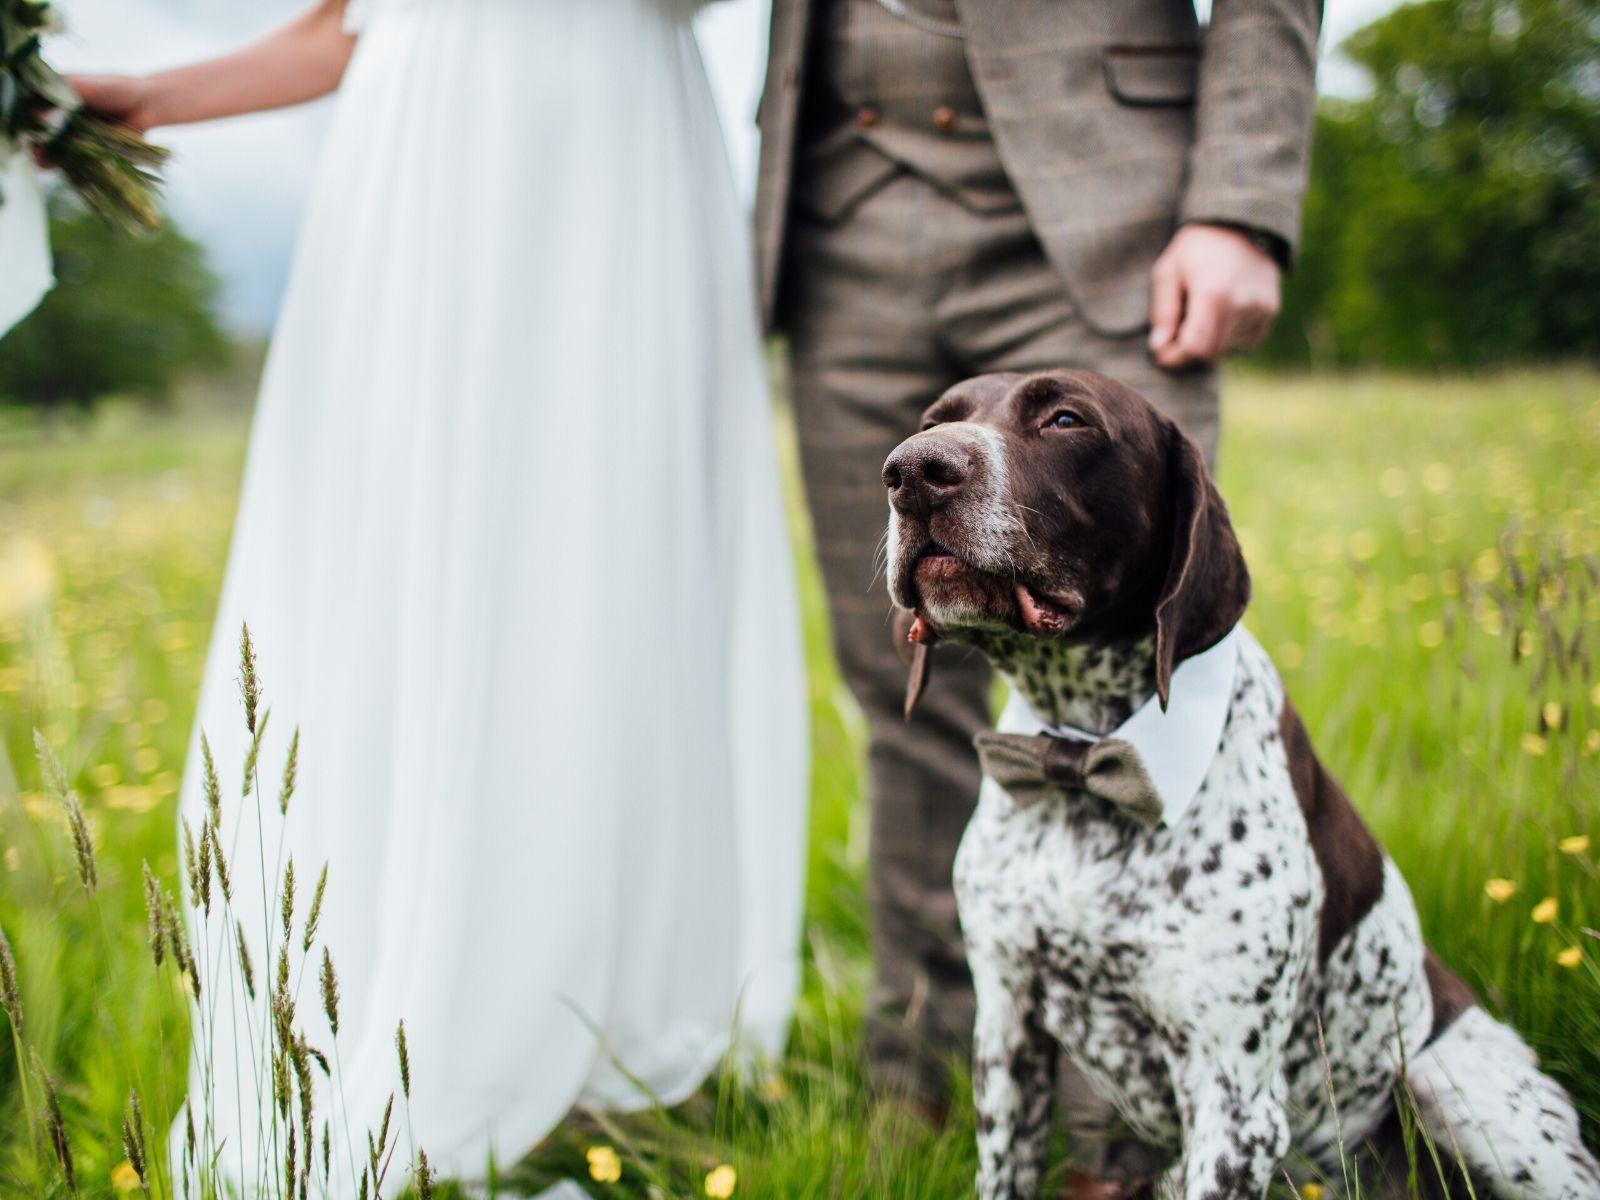 Dog in bowtie at wedding